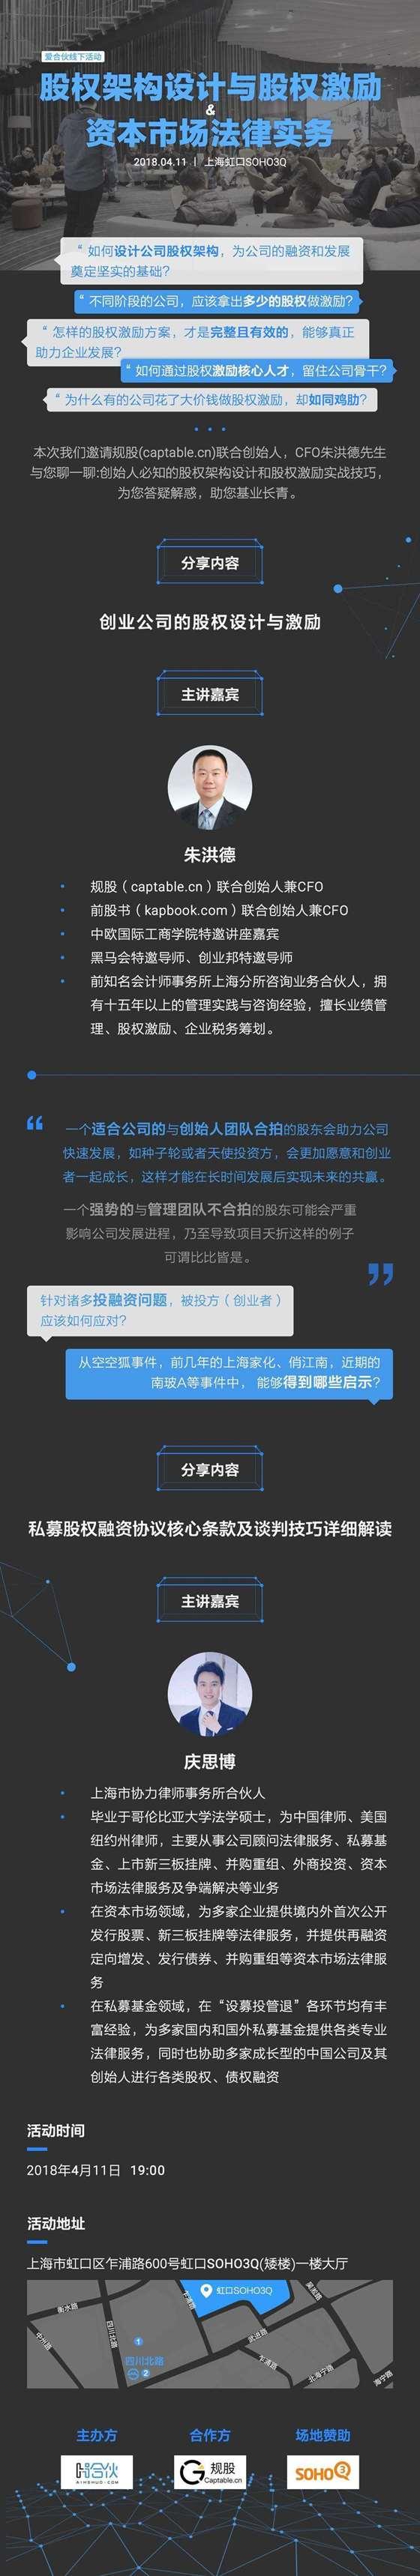 股权架构设计与股权激励_完整无码版.png